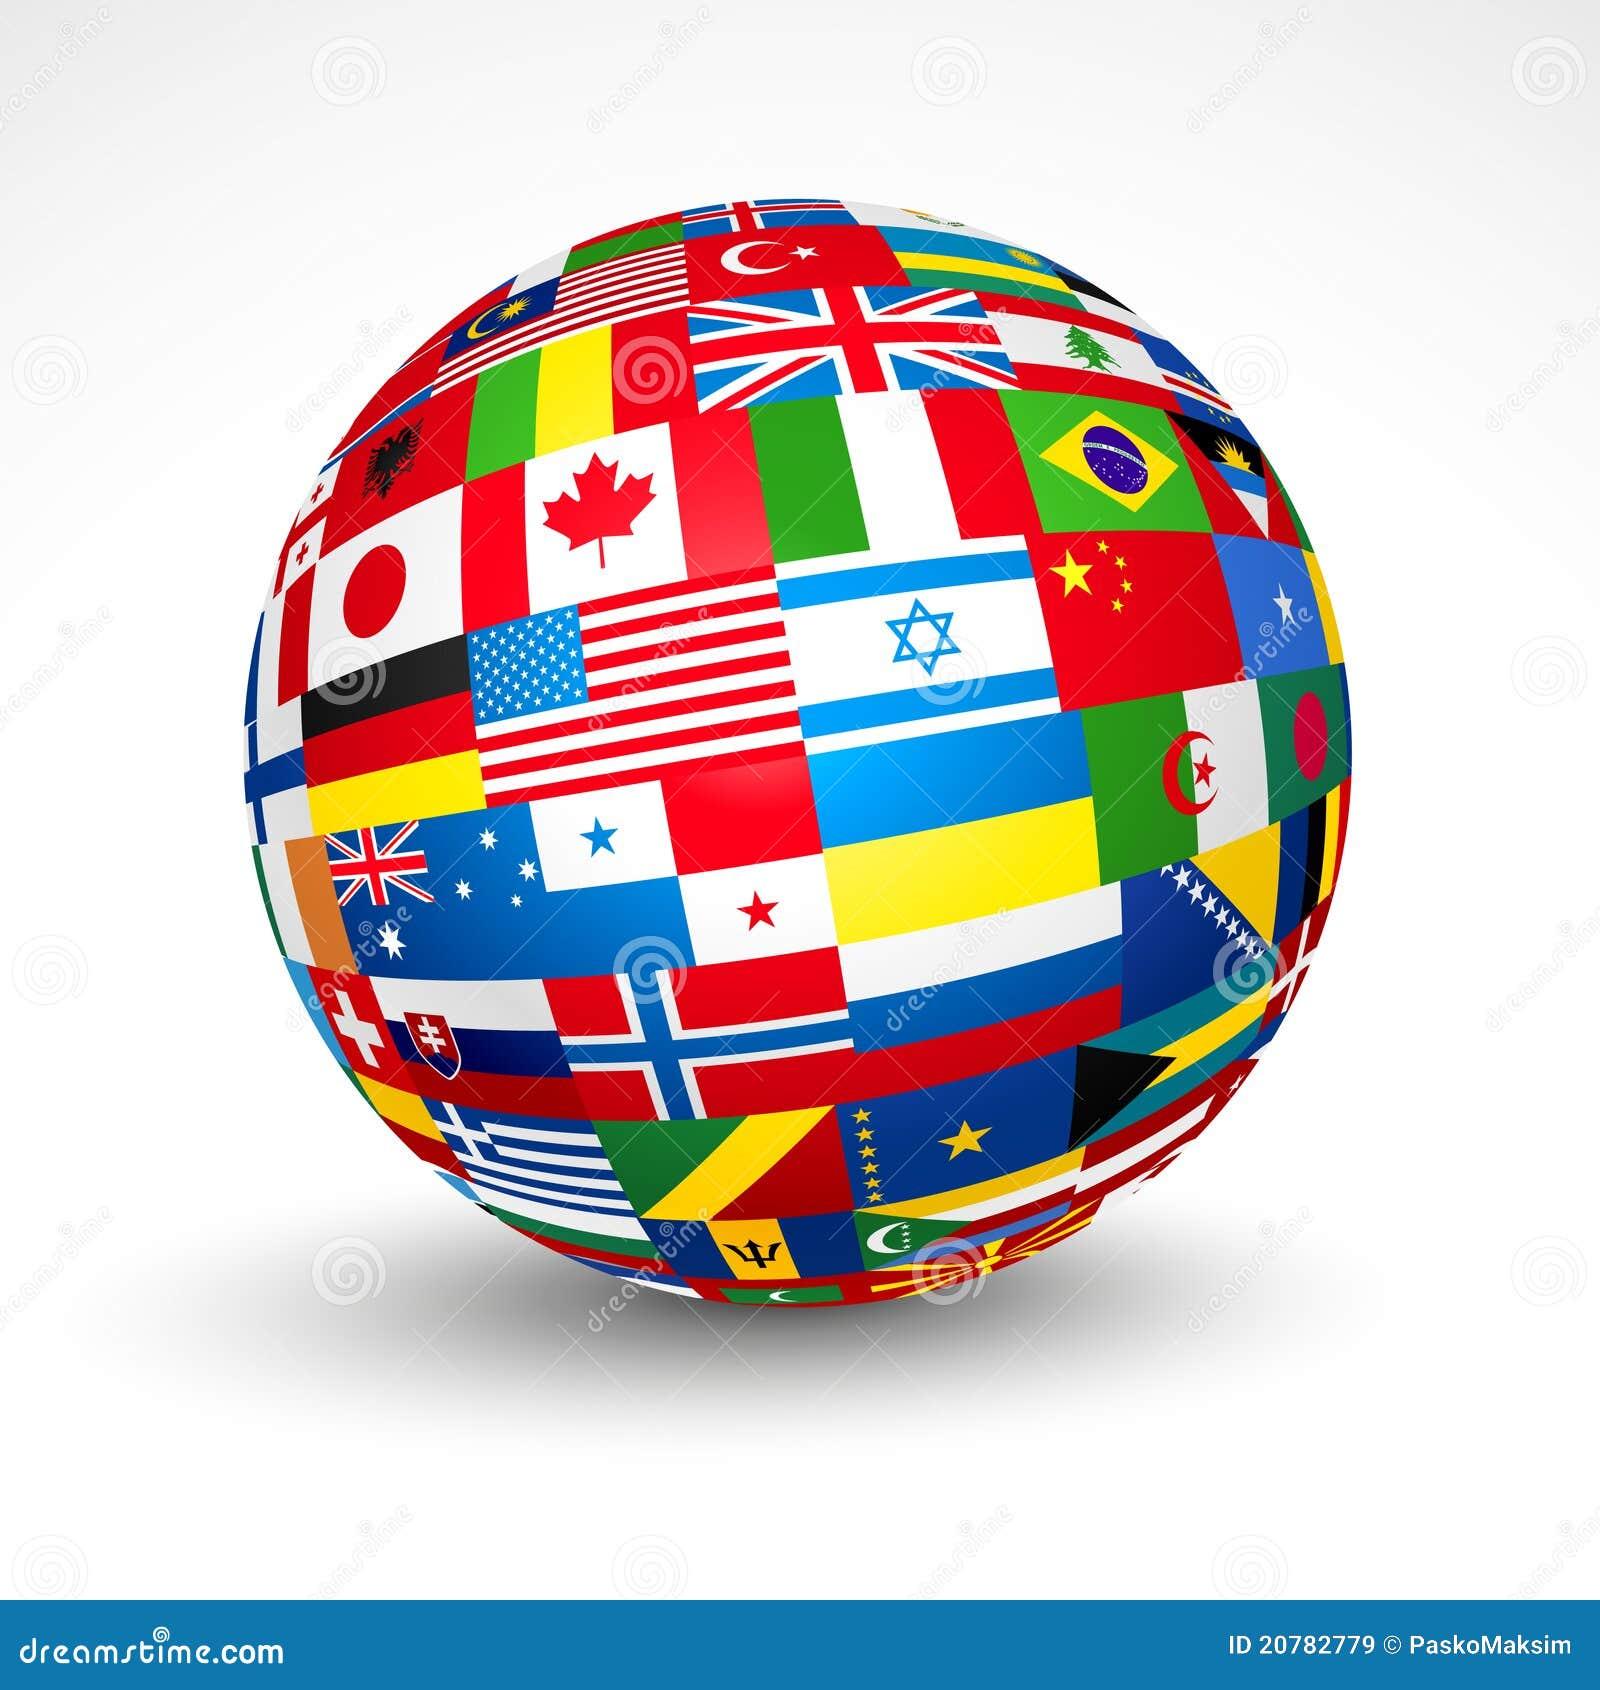 El mundo señala la esfera por medio de una bandera.